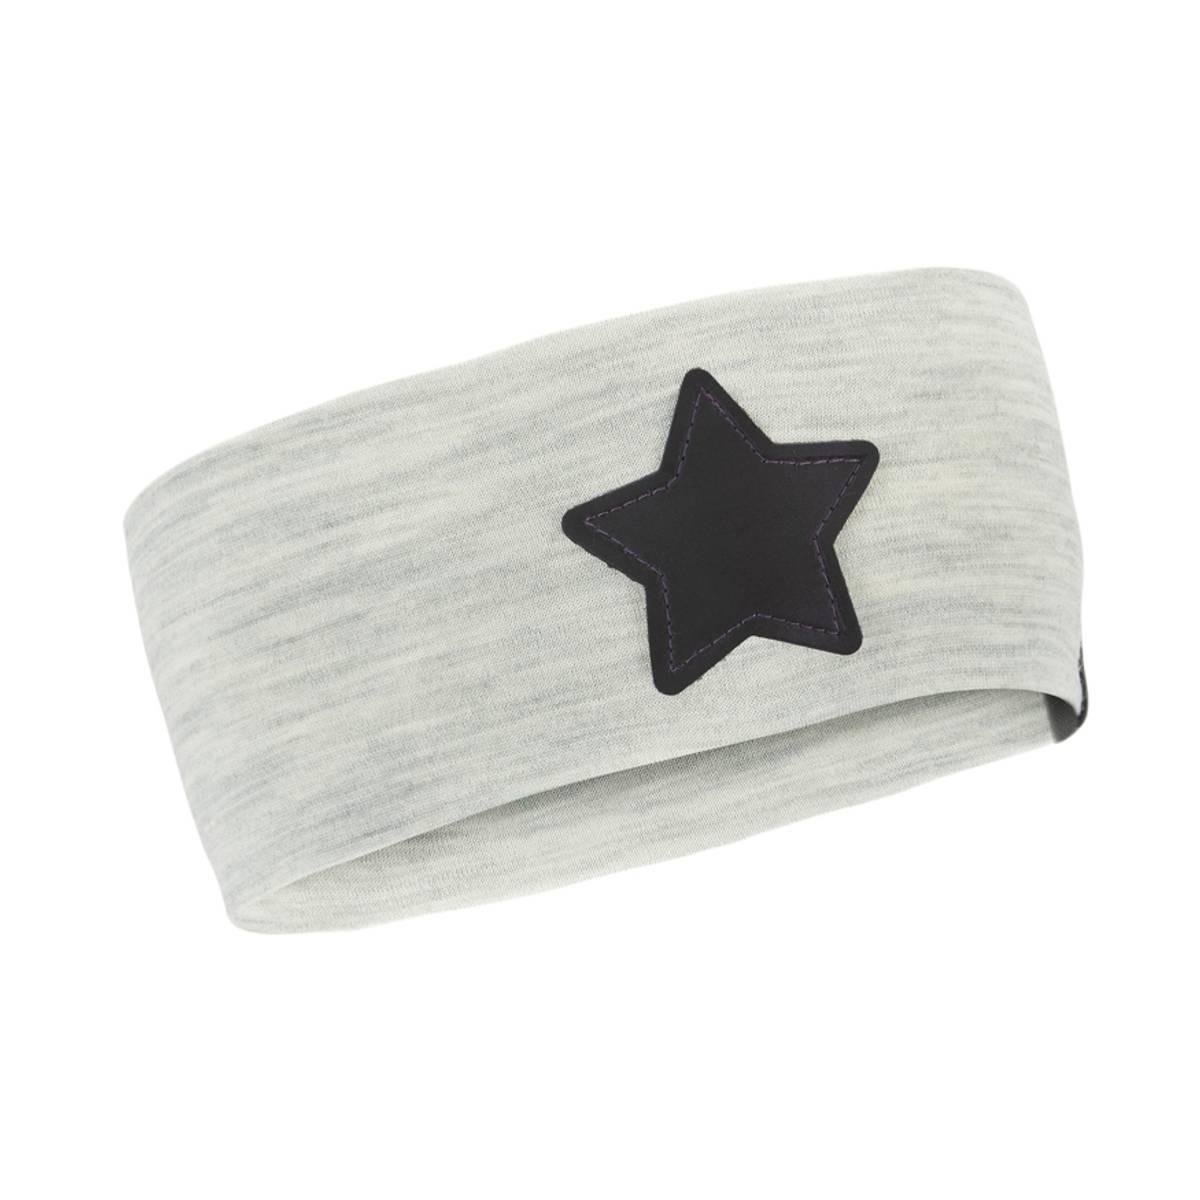 Morild Nordstjerne pannebånd med refleks, lys grå